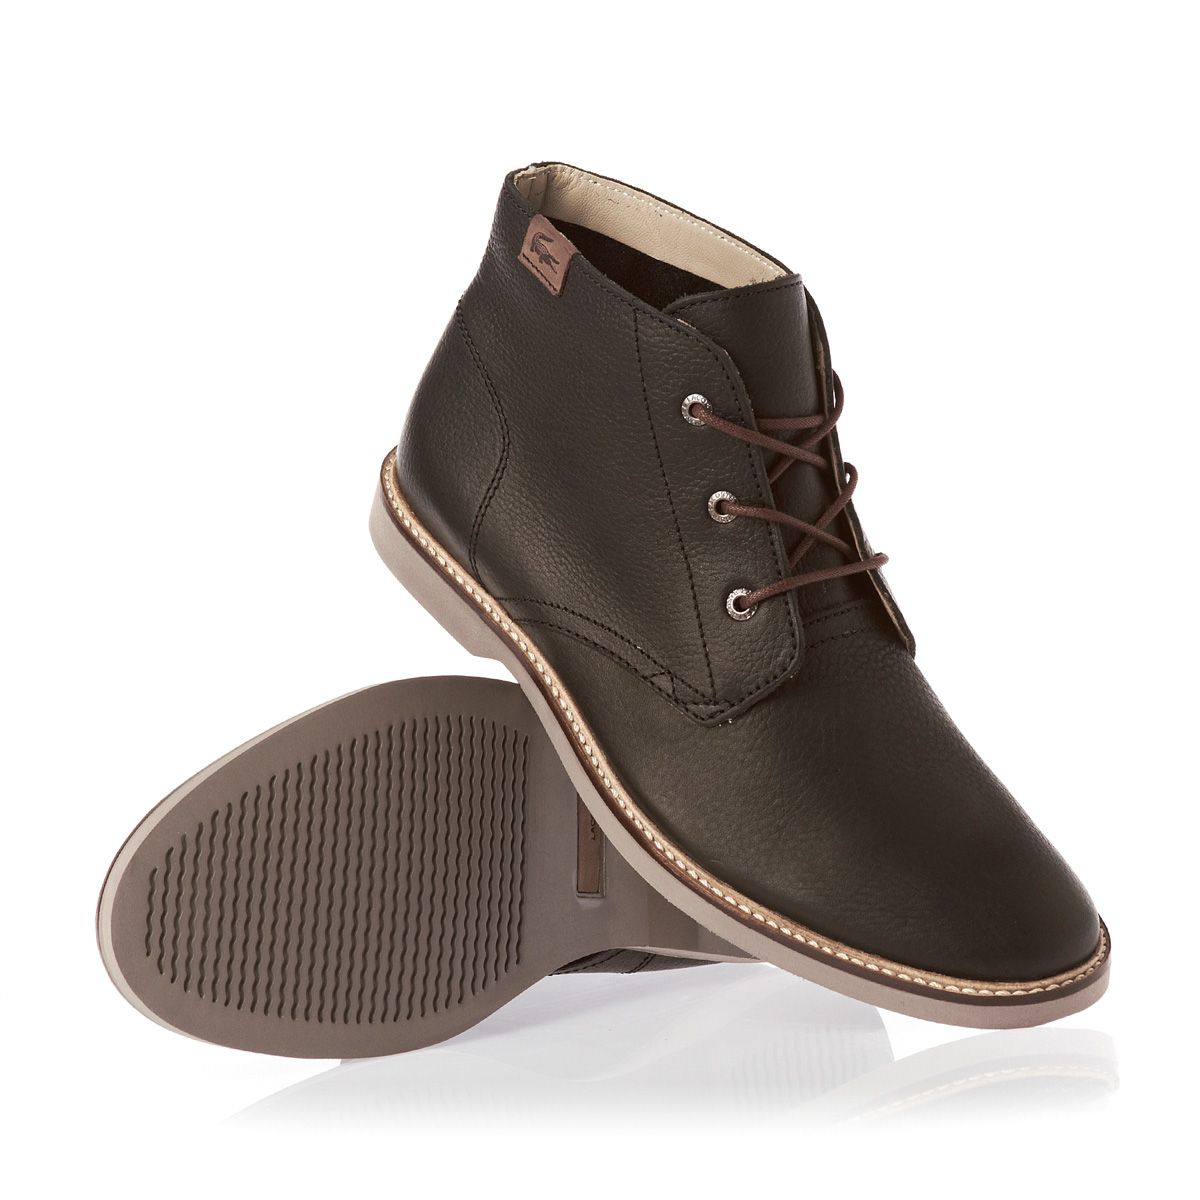 cba2ca37e Lacoste Shoes - Lacoste Sherbrooke Hi 6 SRM Shoes - Blk